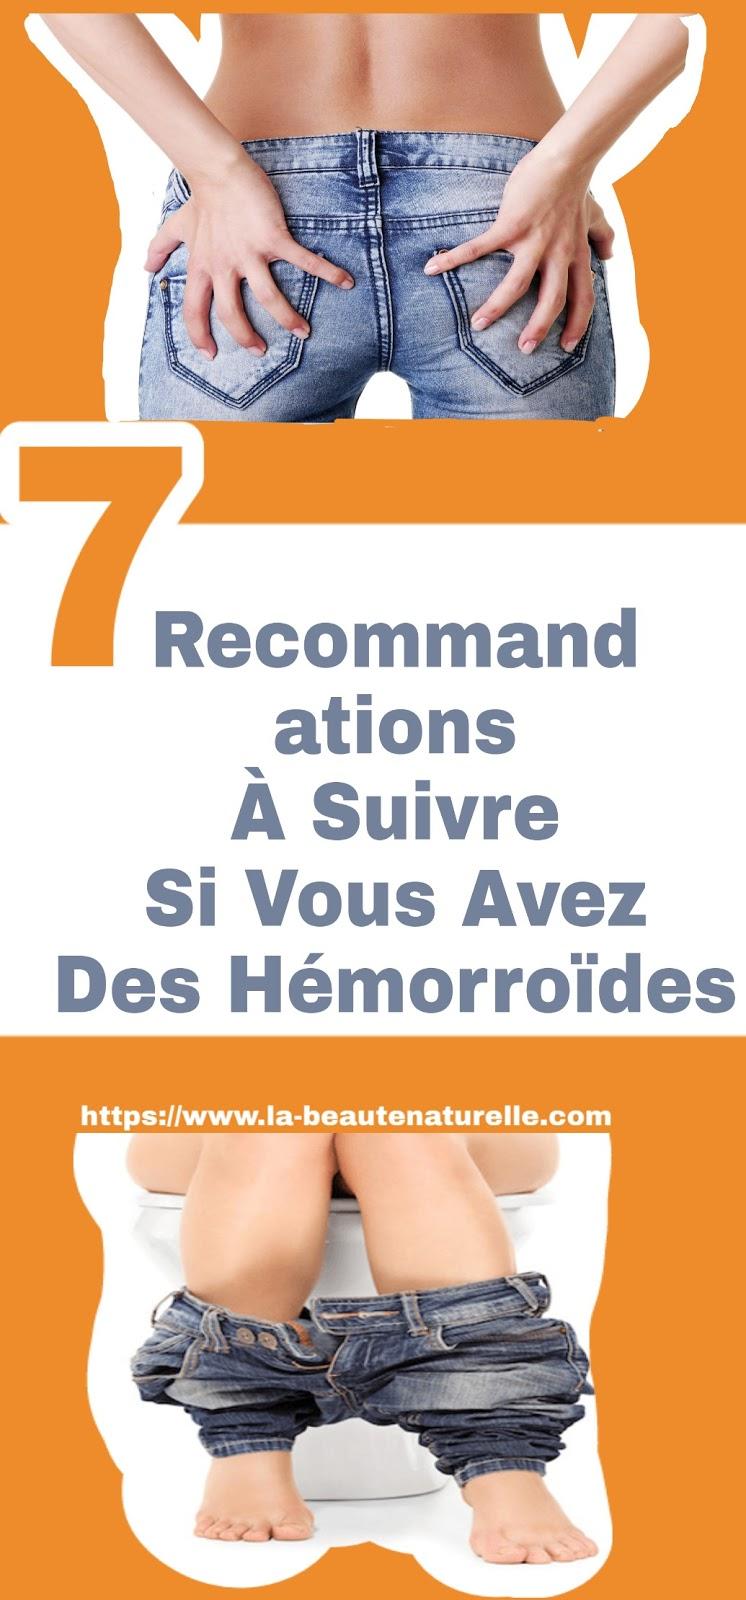 7 Recommandations À Suivre Si Vous Avez Des Hémorroïdes